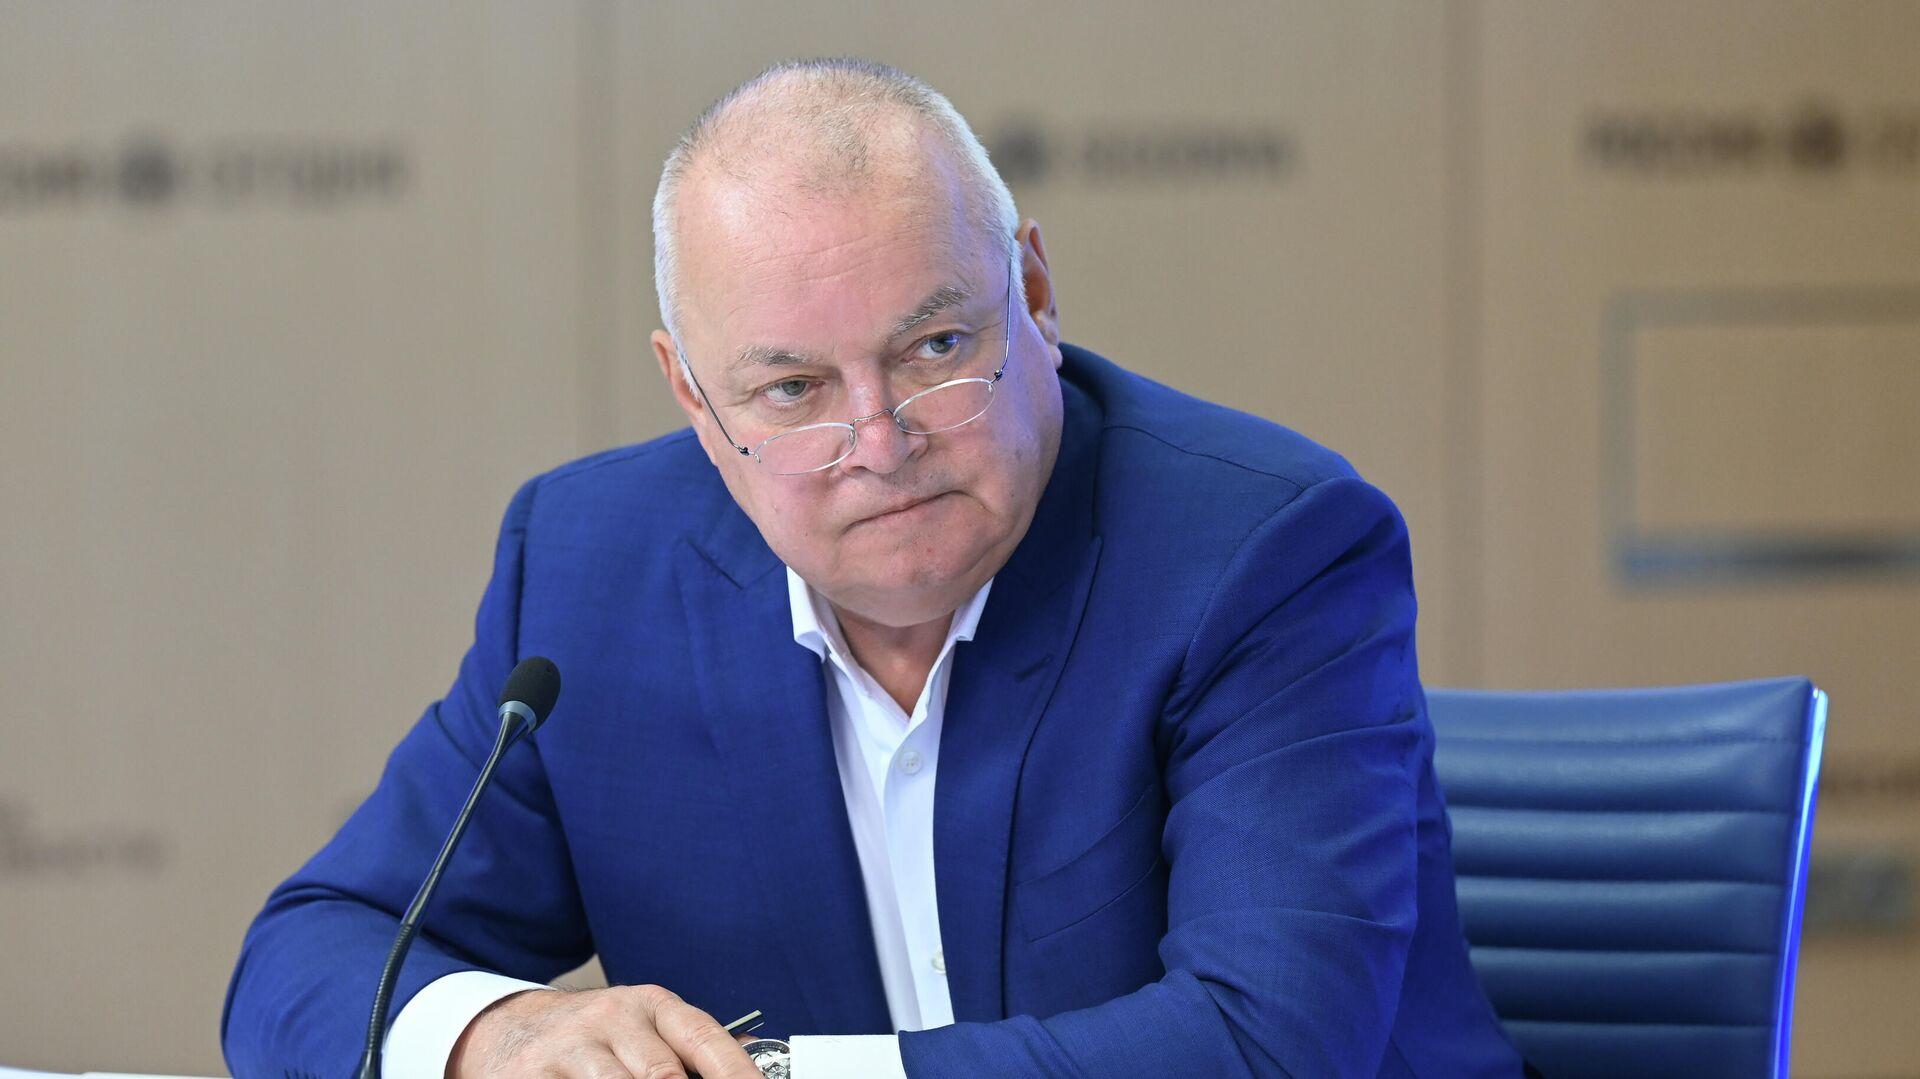 Генеральный директор МИА Россия сегодня Дмитрий Киселев  - Sputnik Беларусь, 1920, 20.09.2021